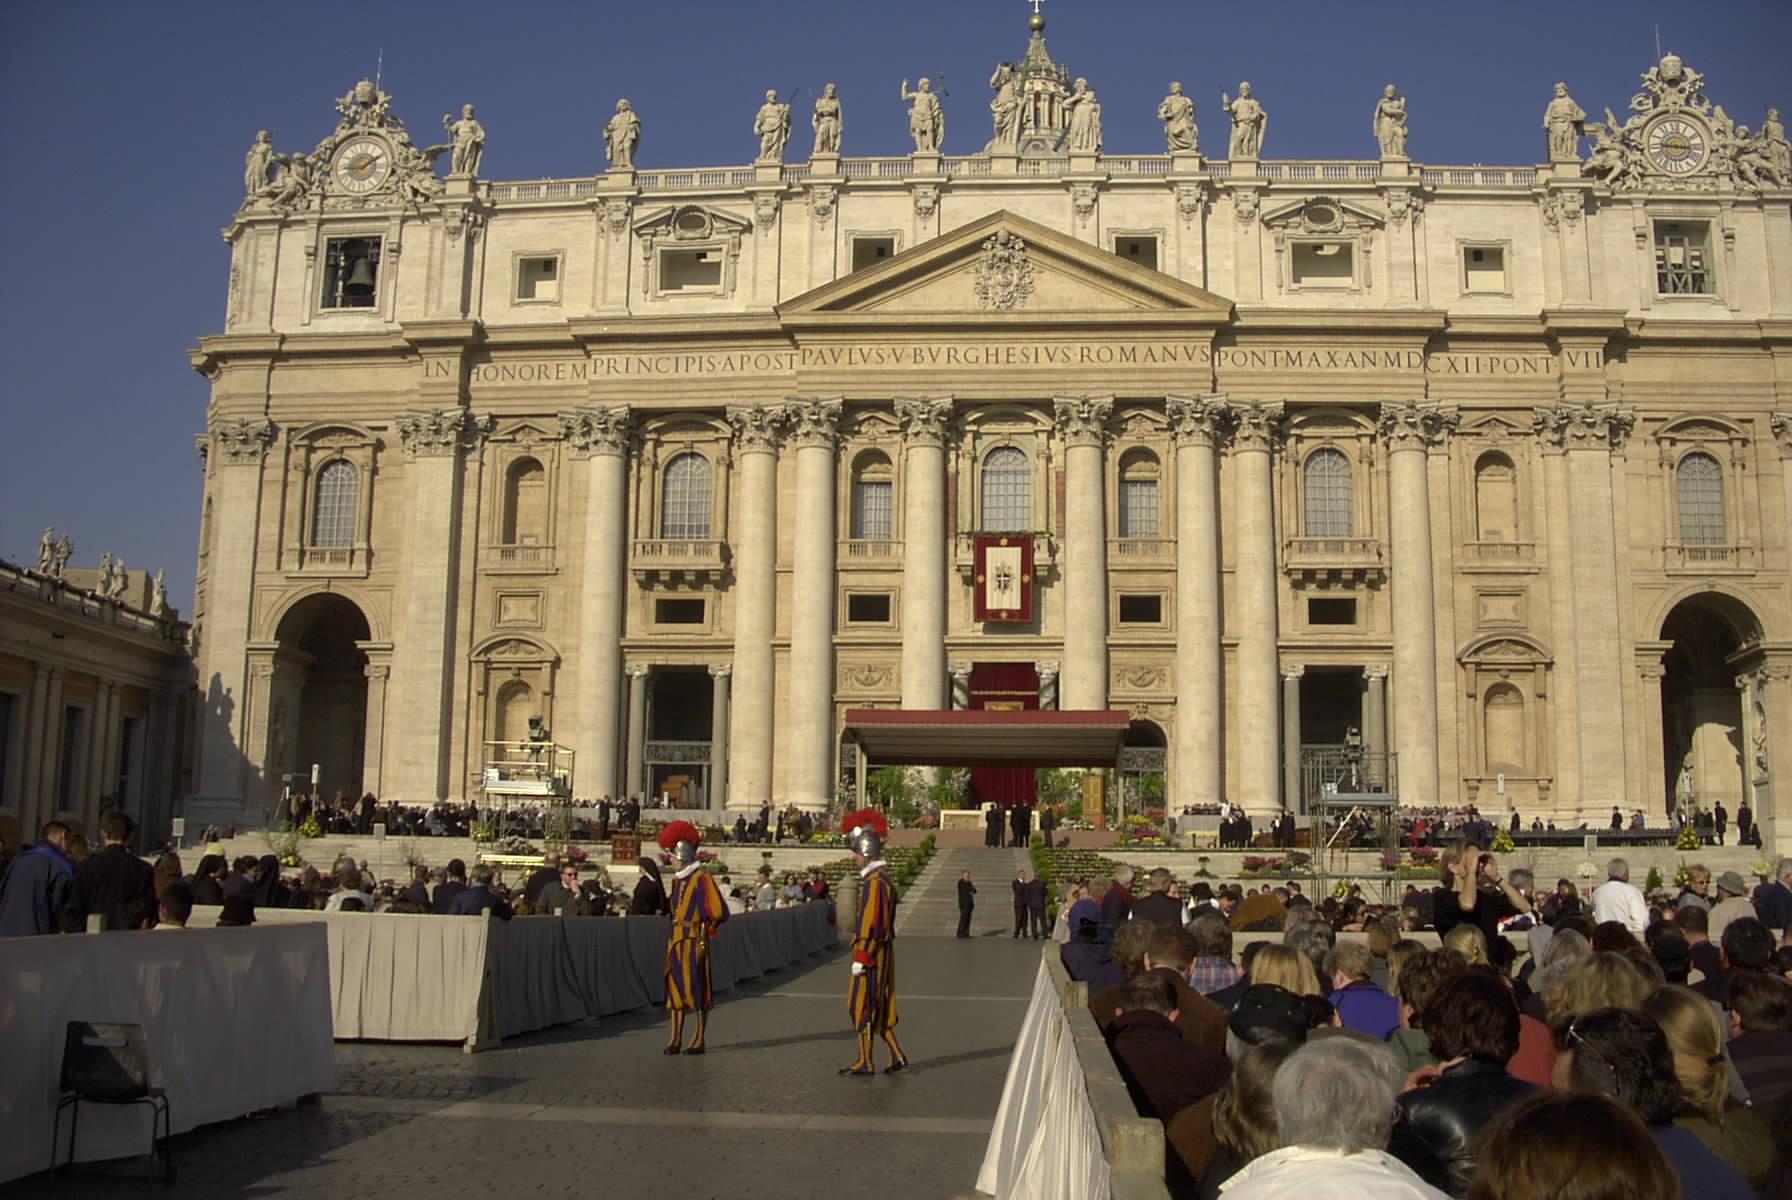 Piazza di San Pietro